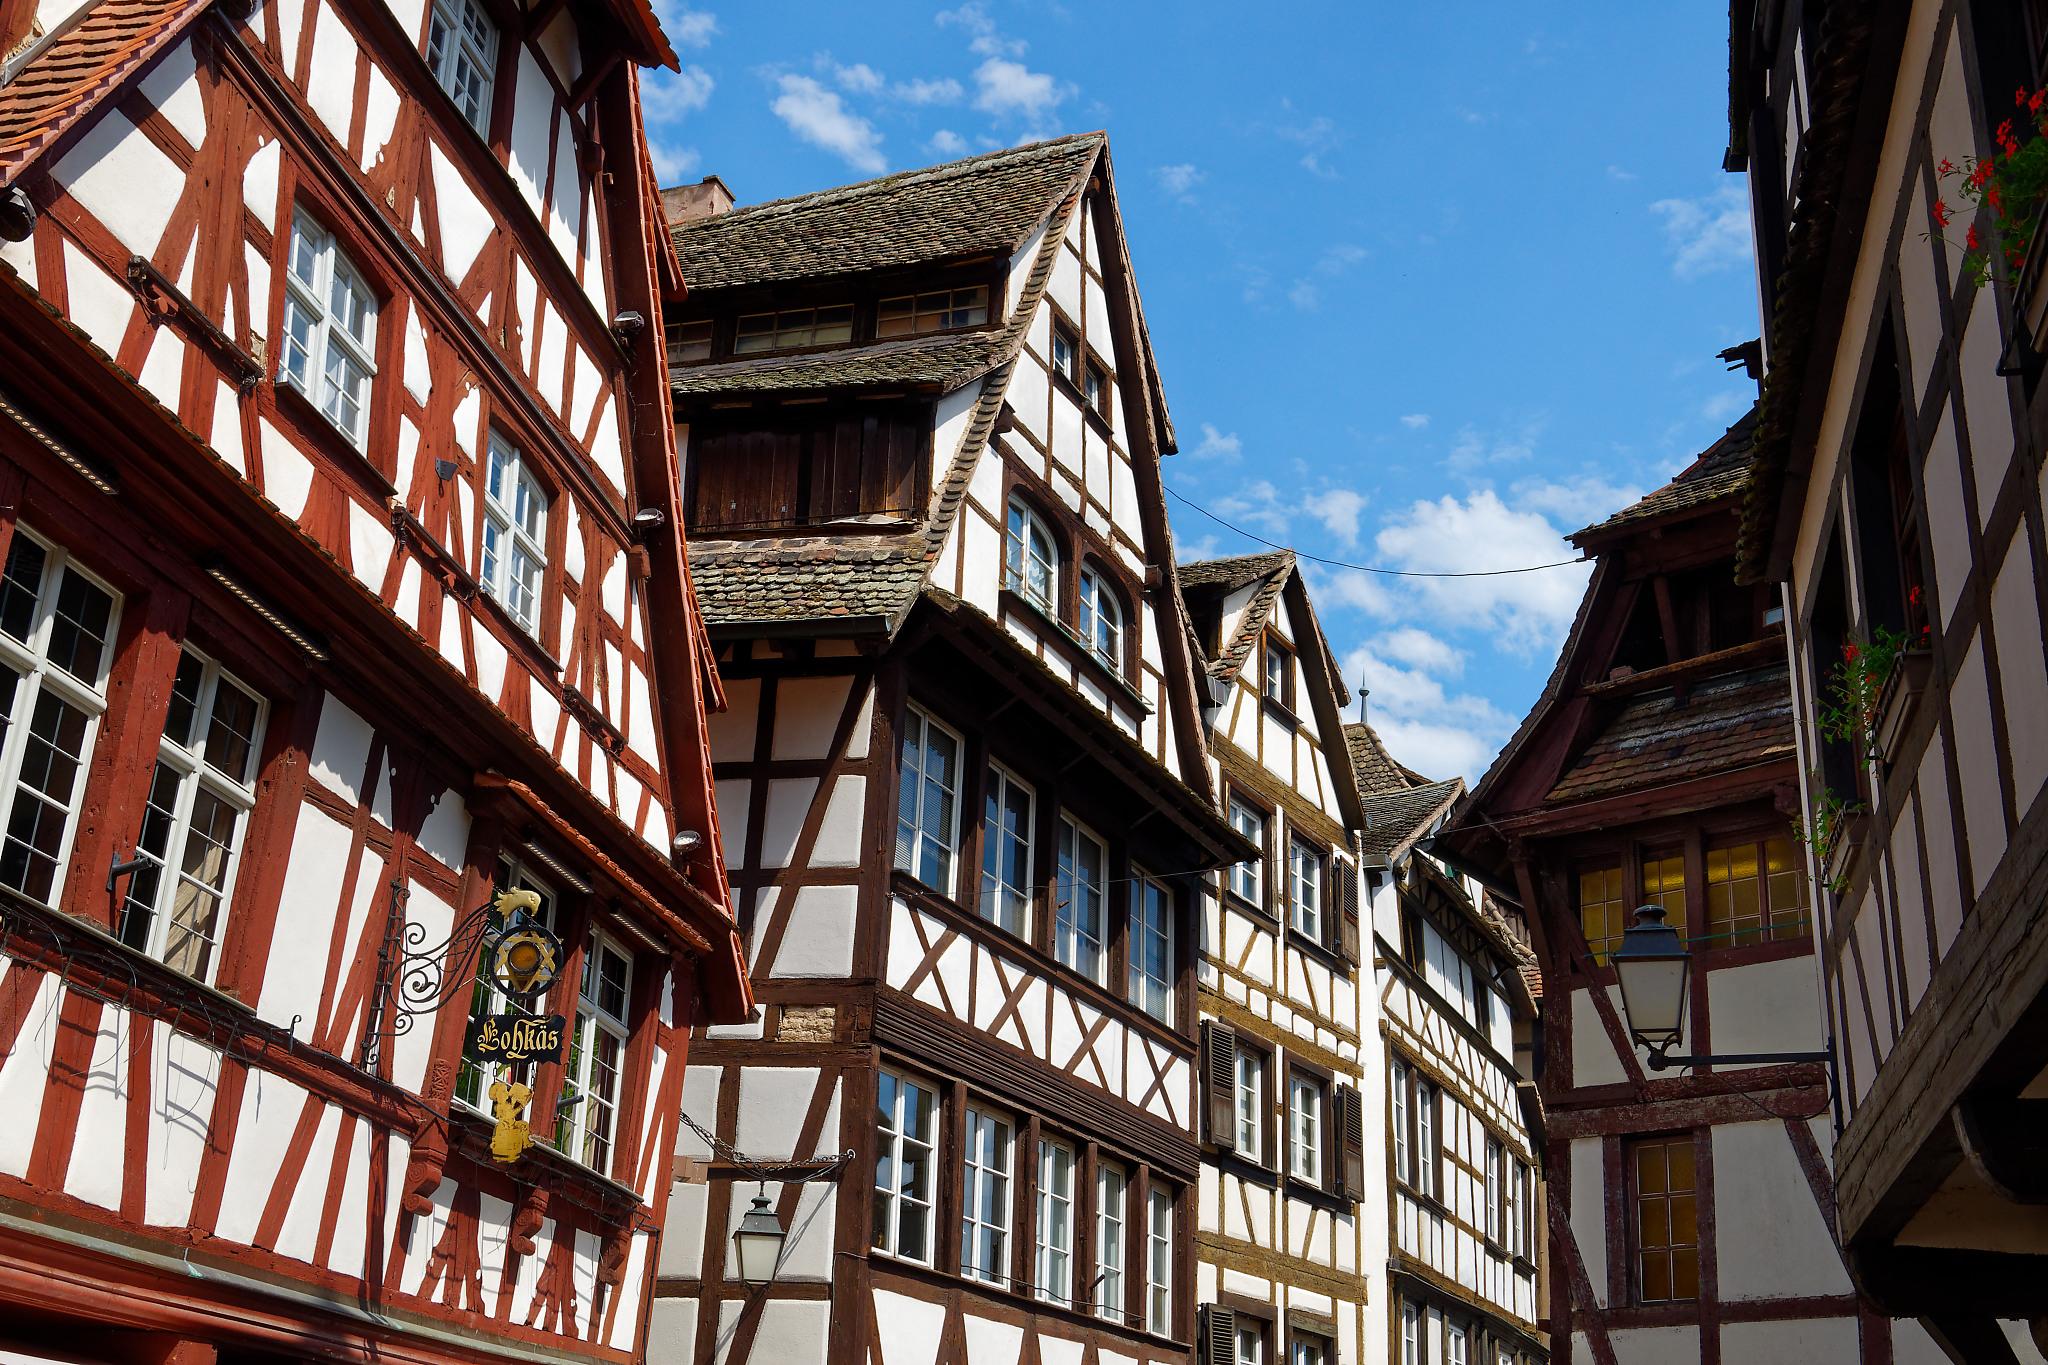 Découvrir Strasbourg lors d'un week-end au fil de l'eau